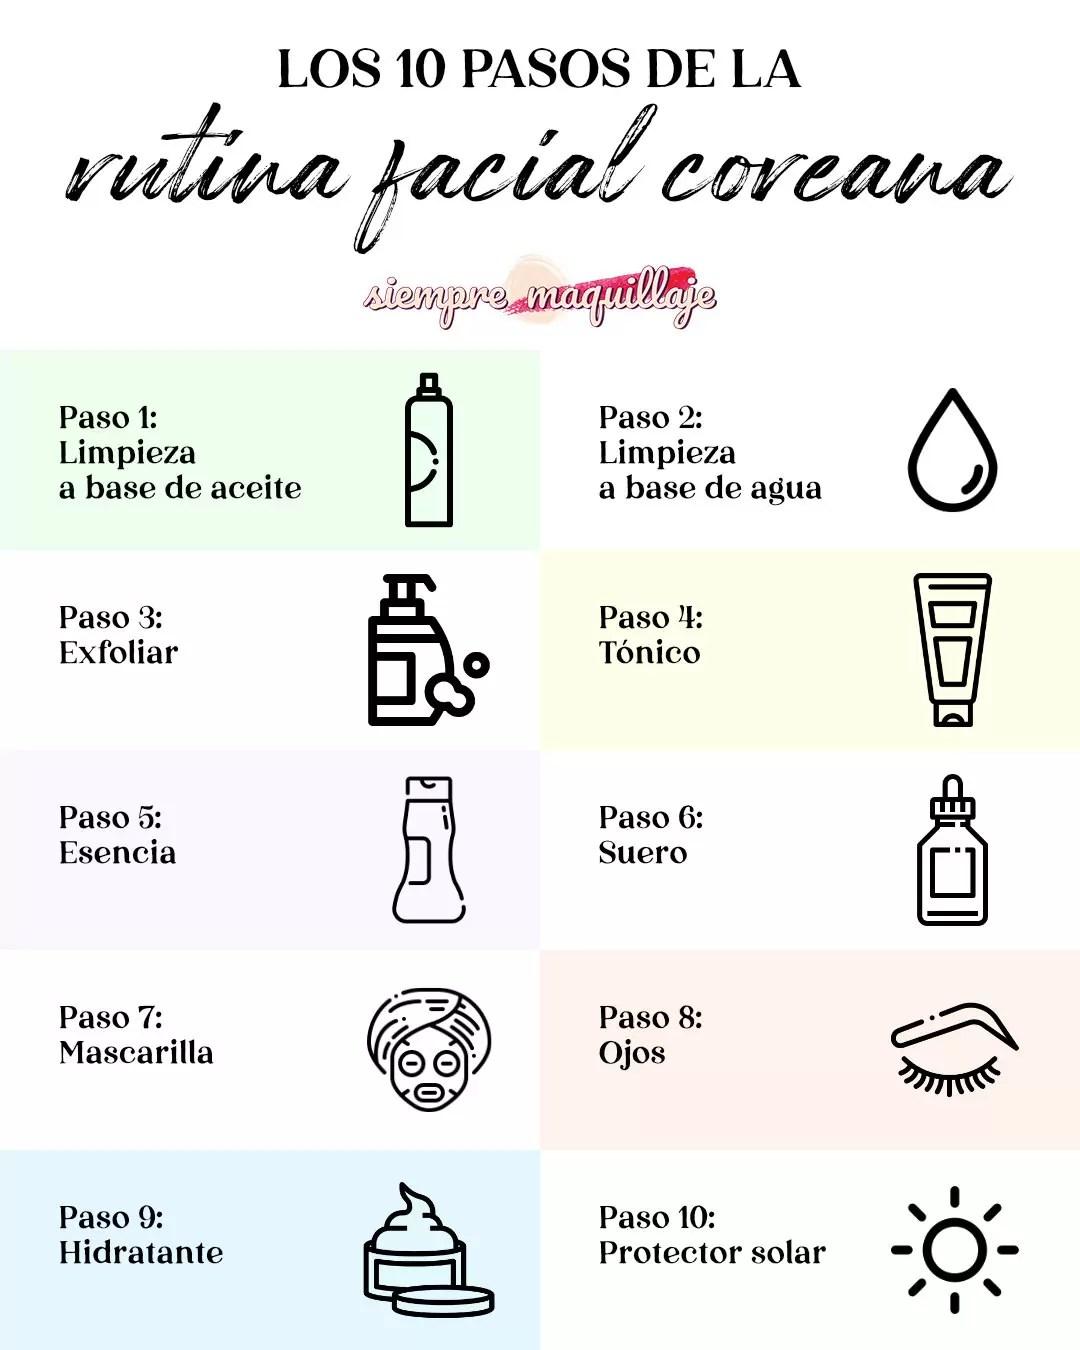 10 pasos rutina facial coreana